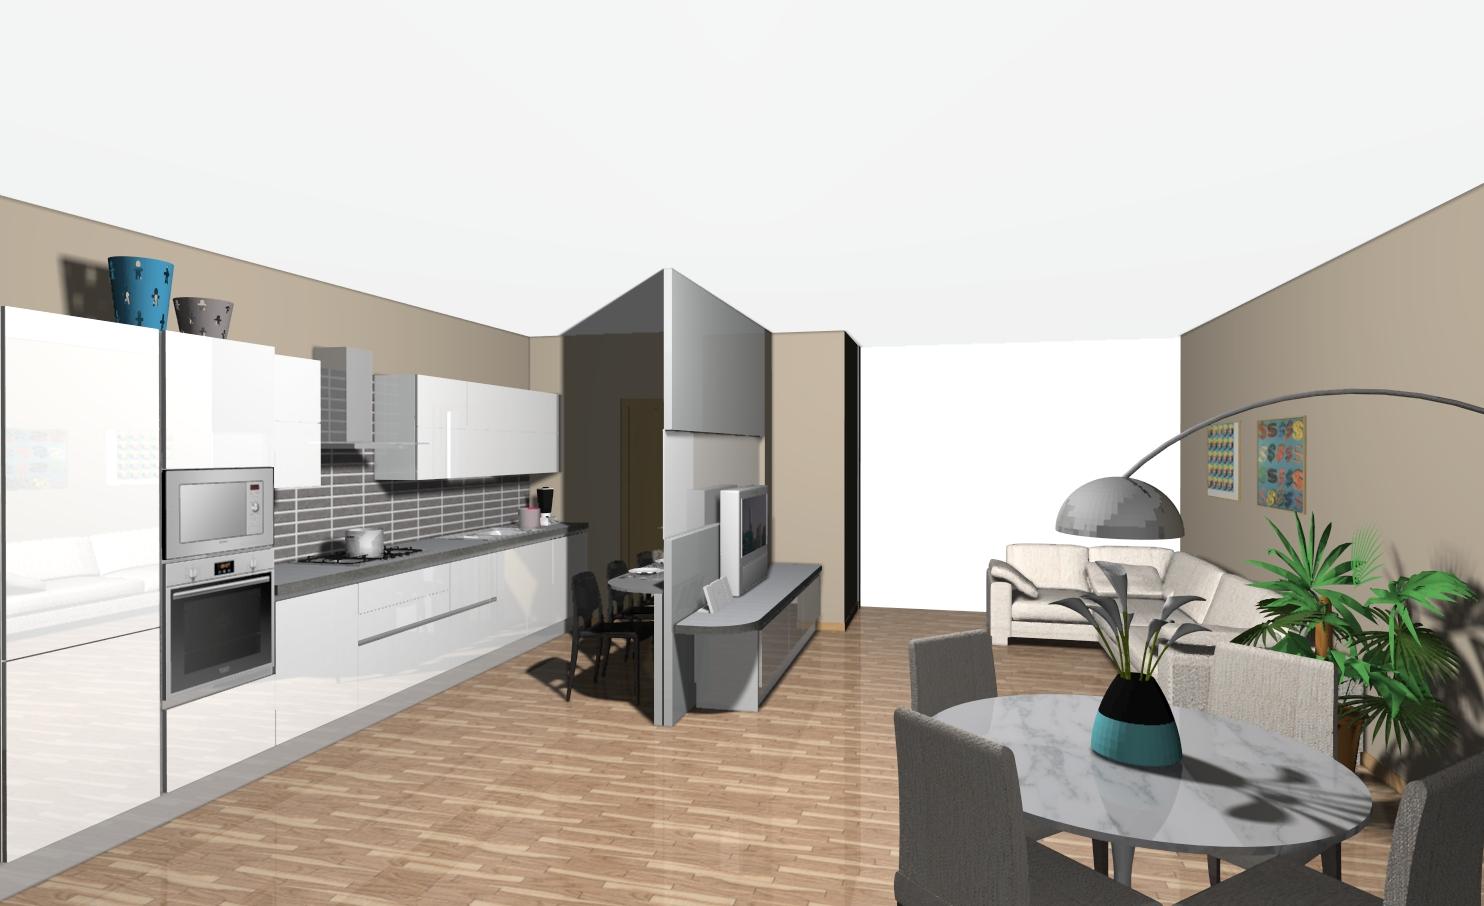 Non solo mobili idee arredamento casa terrazzi e giardini for Disegnare cucina 3d online